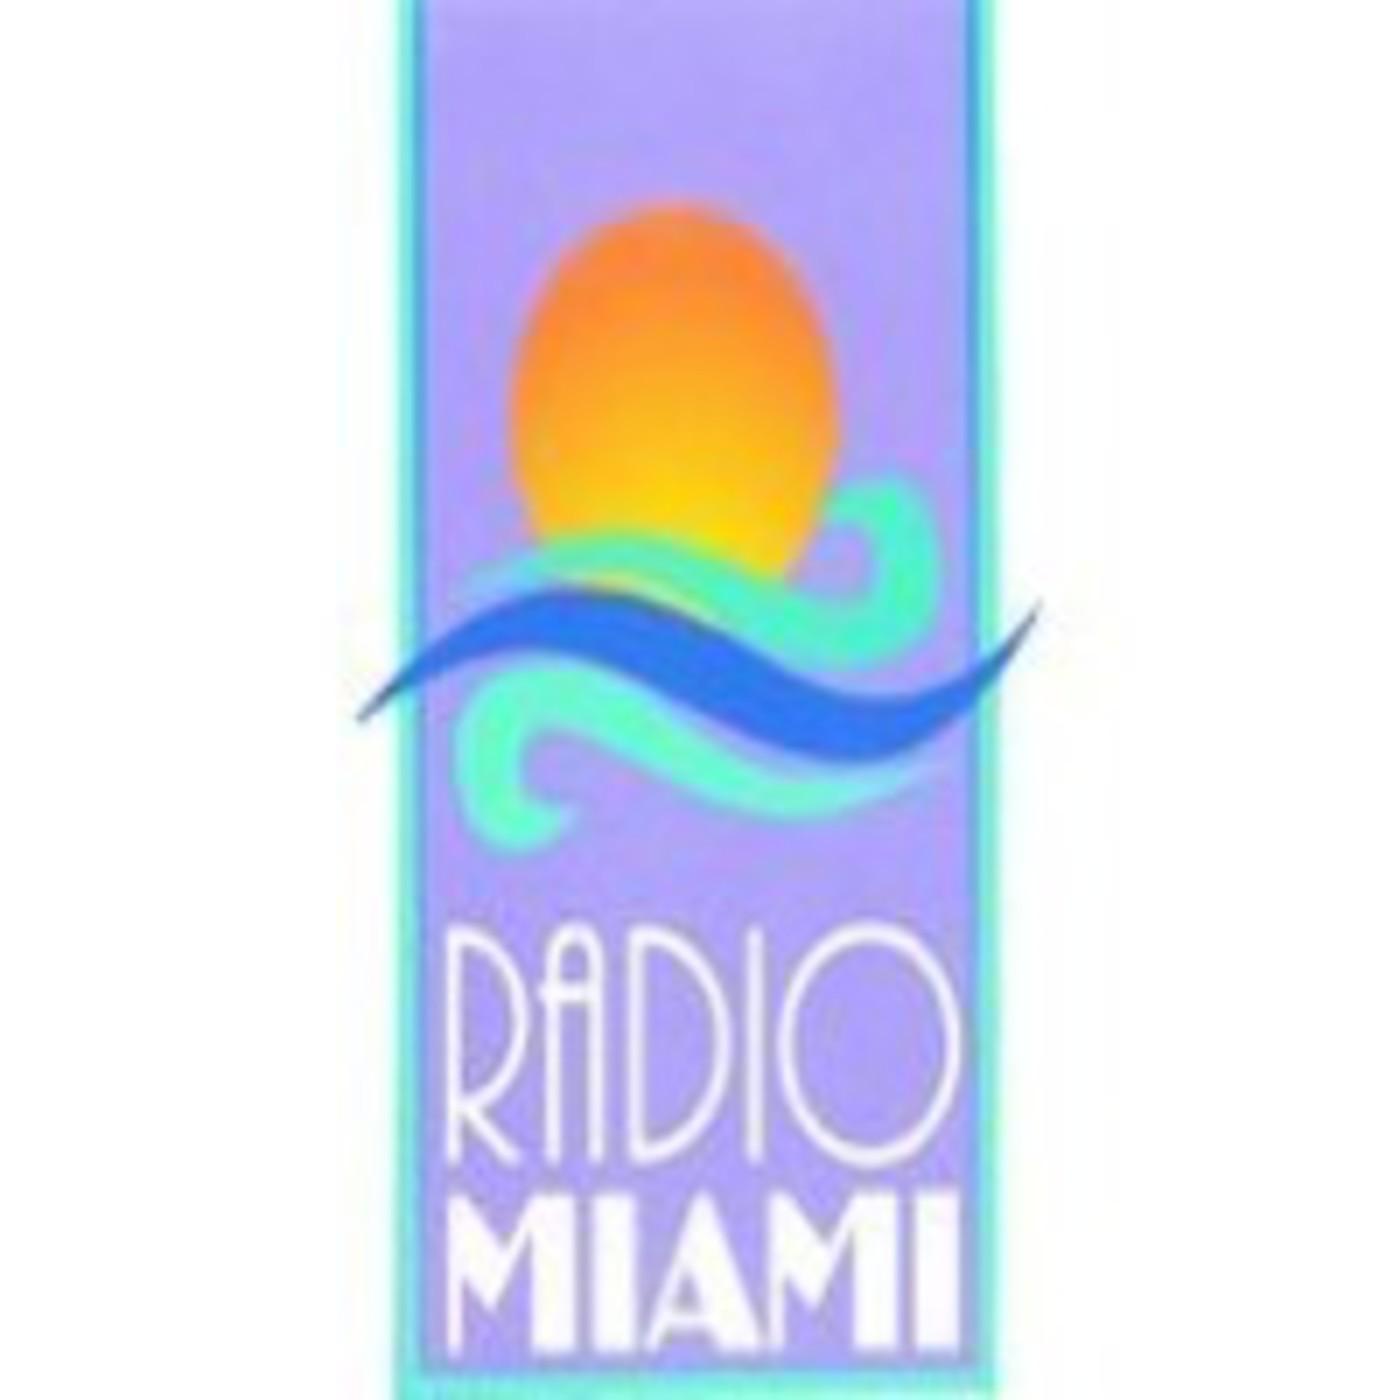 Radio Miami Int'l. entrevista al Pte.Rep.de Cuba en el exilio